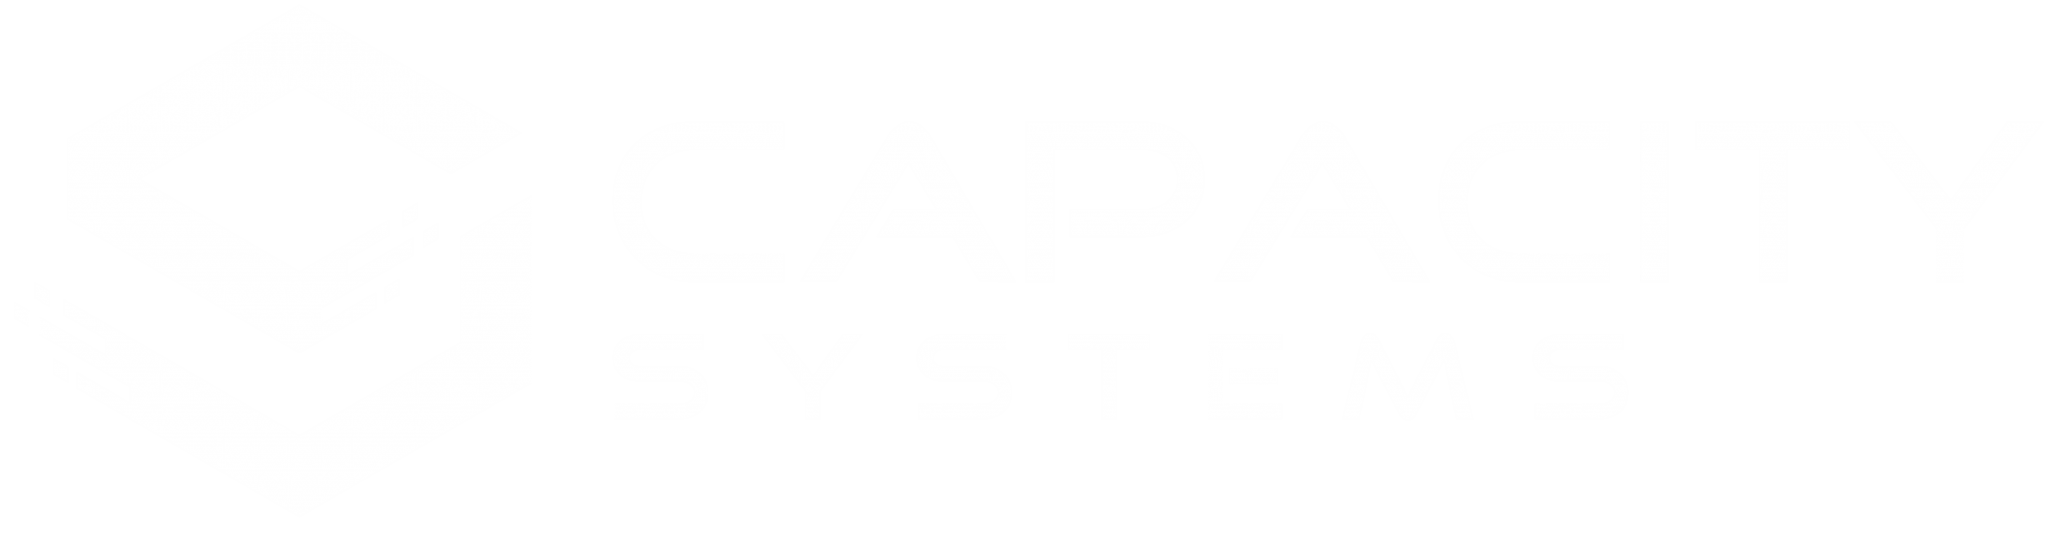 Capacity Systems